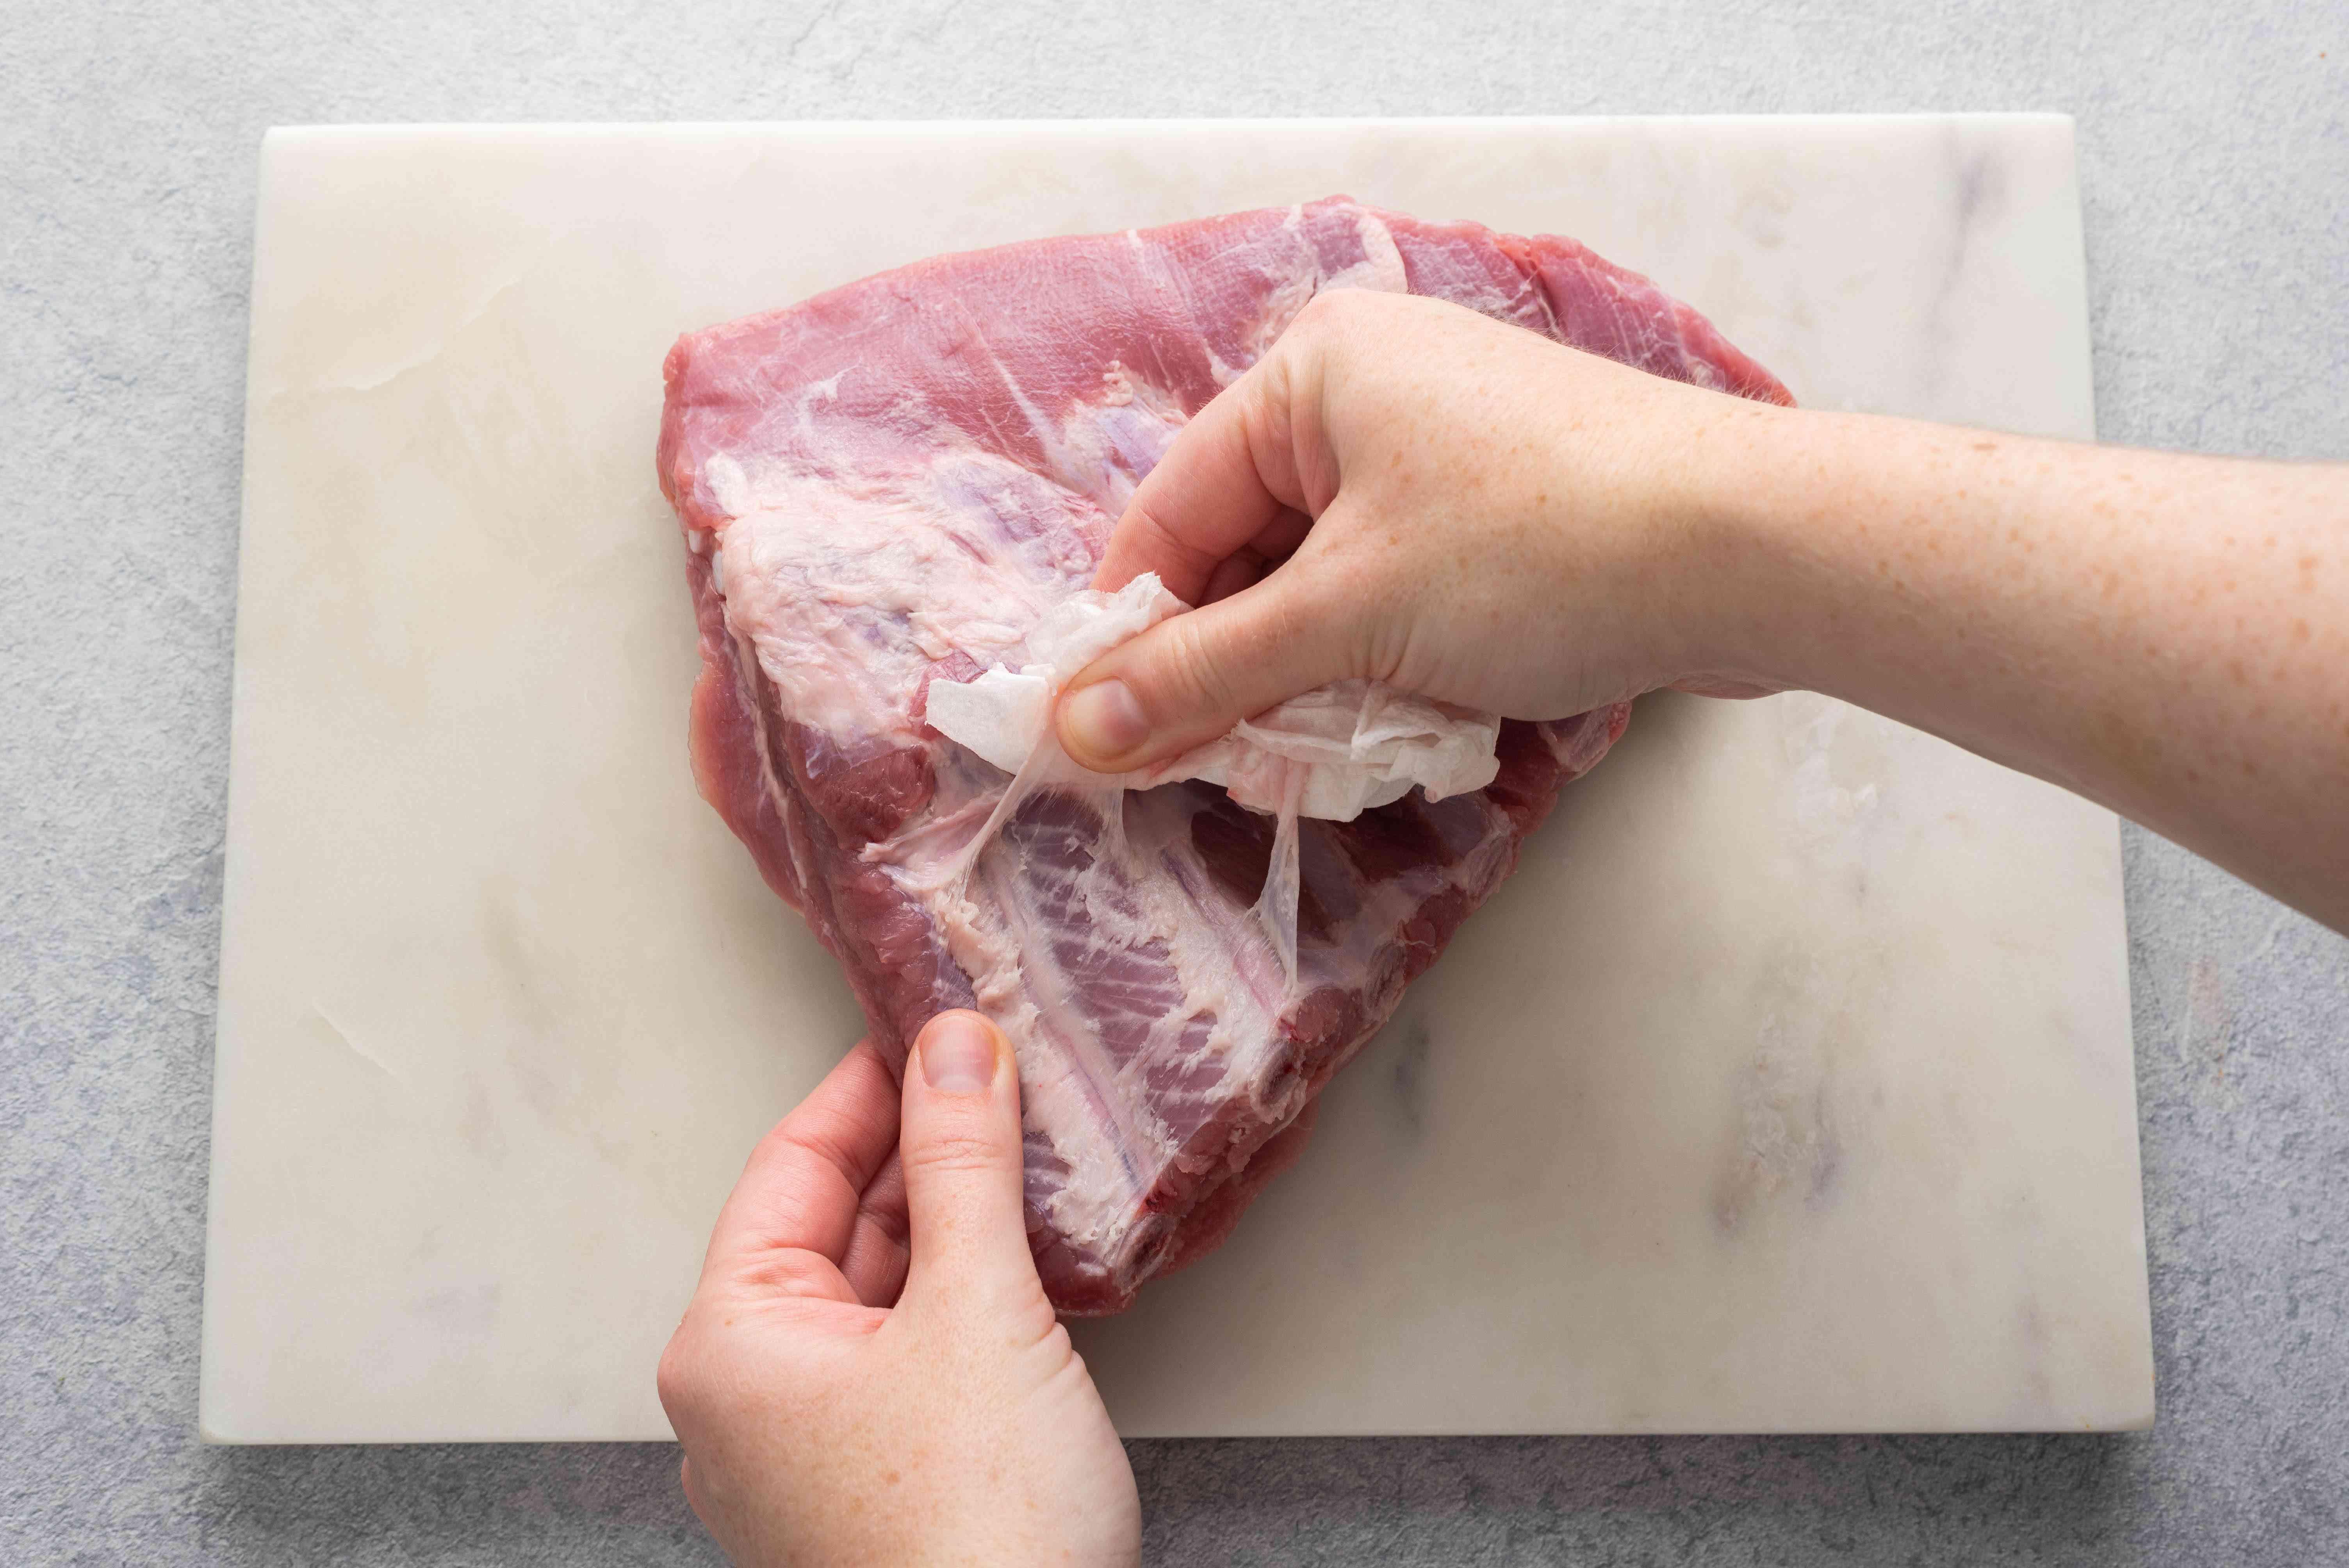 Peeling a sheet of silverskin from the ribs